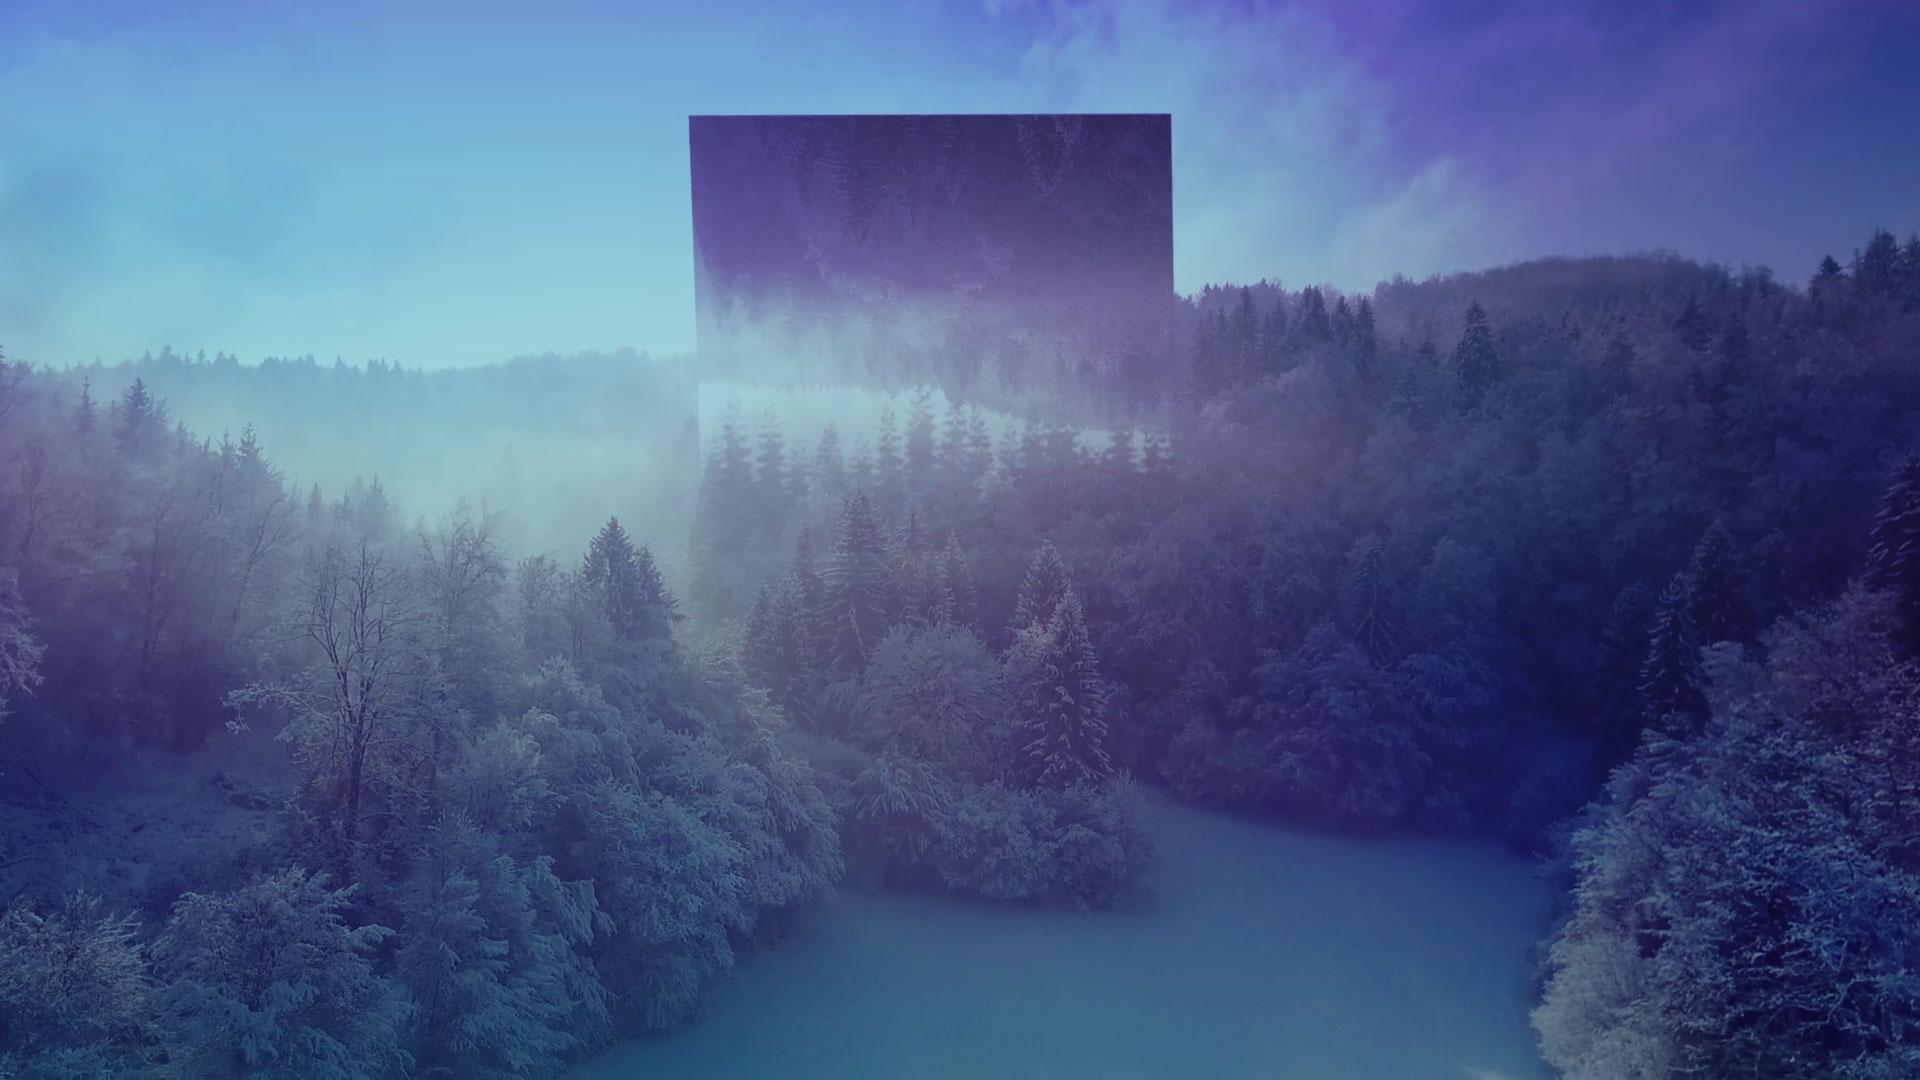 Waiting music video screenshot